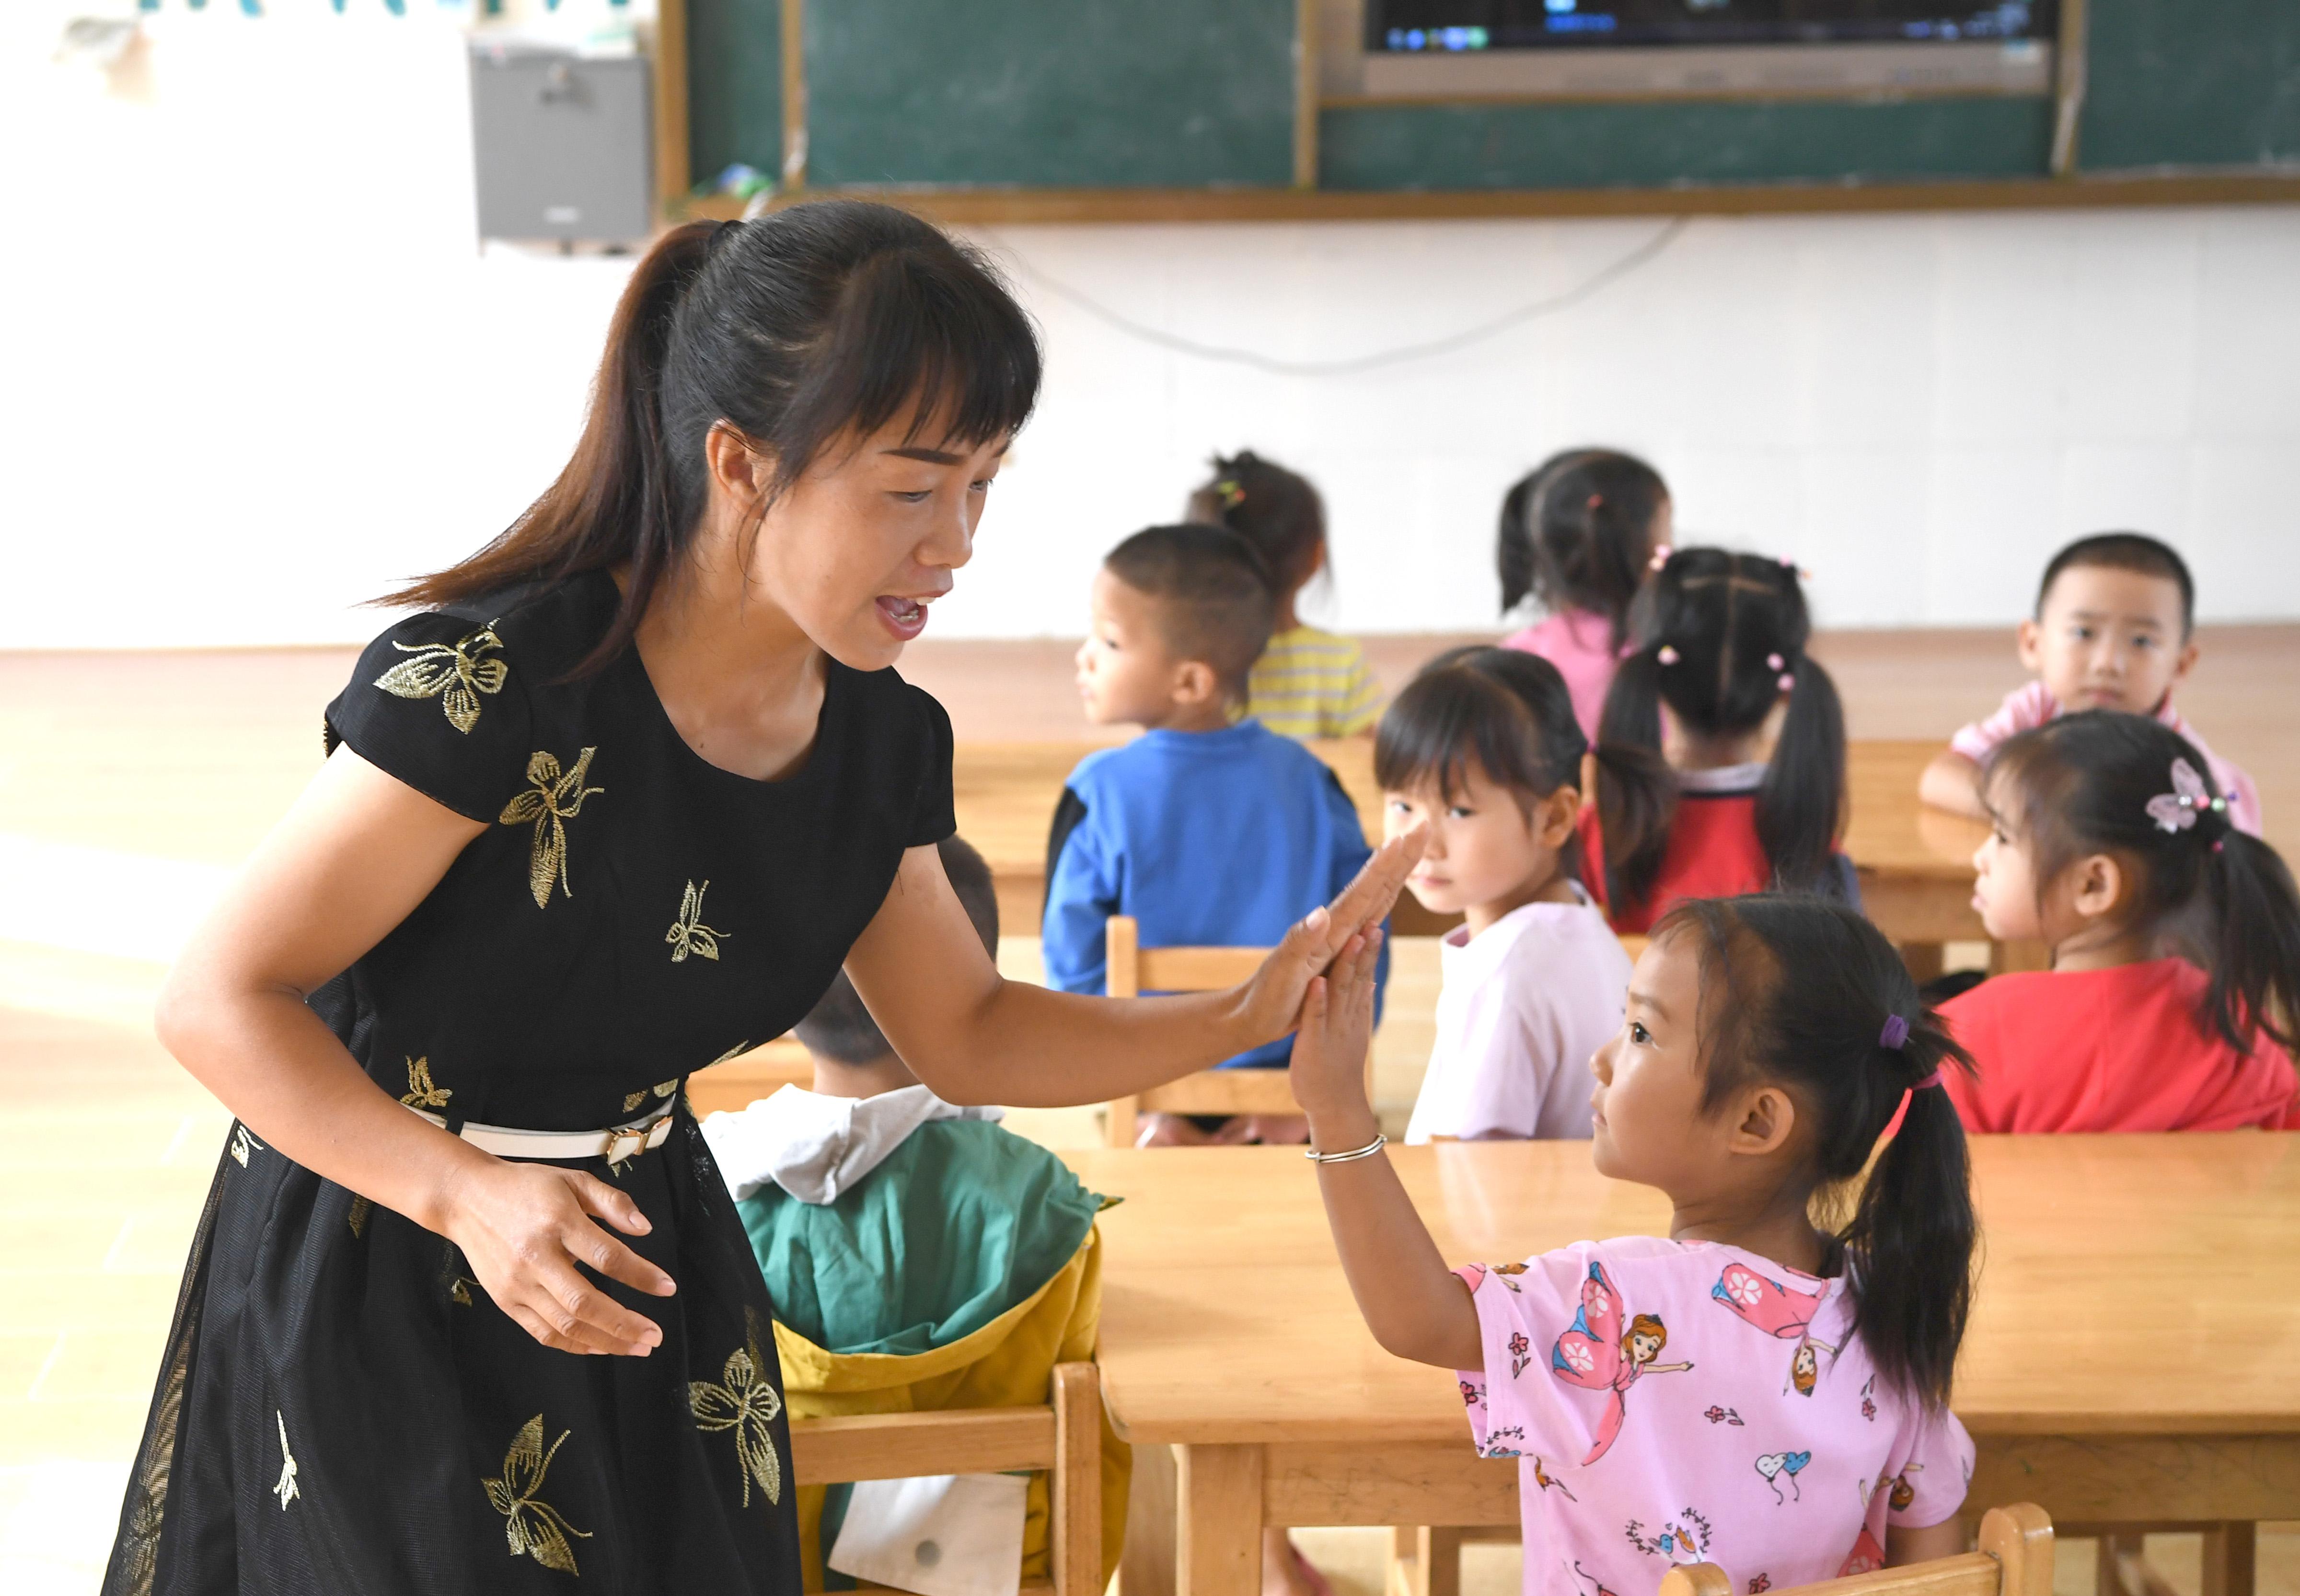 乡村教师13.JPG